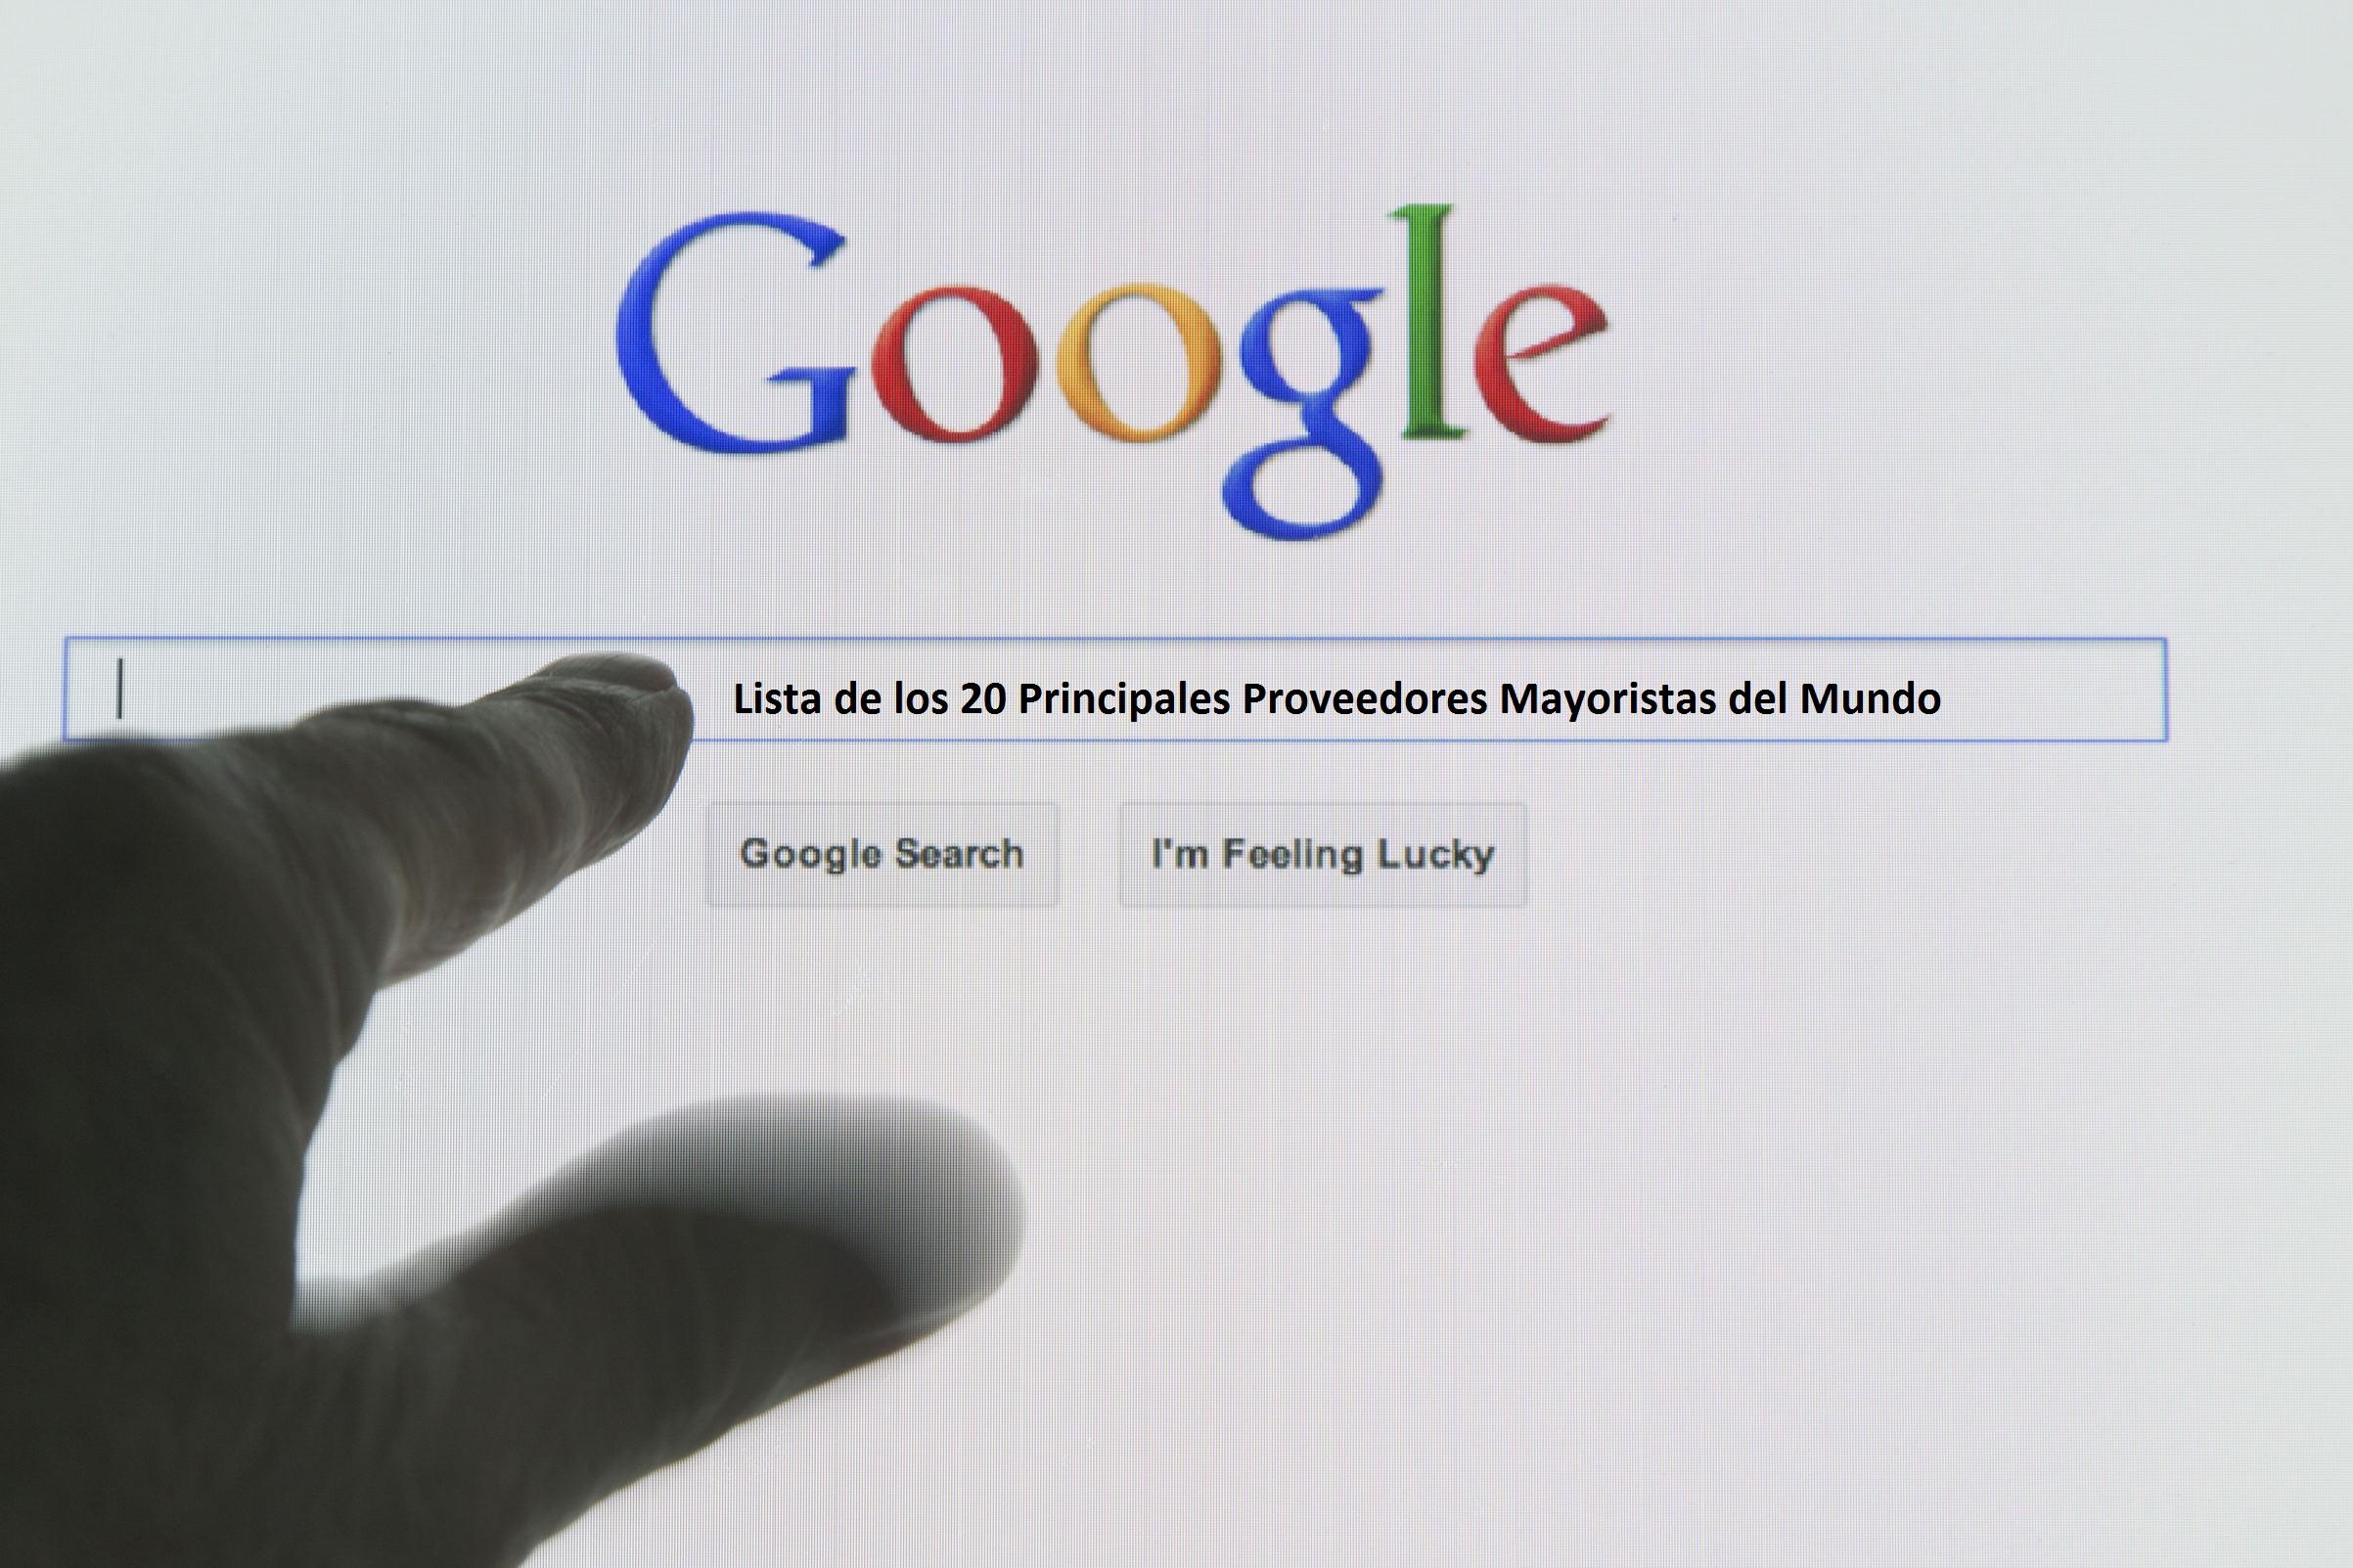 Lista-de-los-20-Principales-Proveedores-Mayoristas-del-Mundo